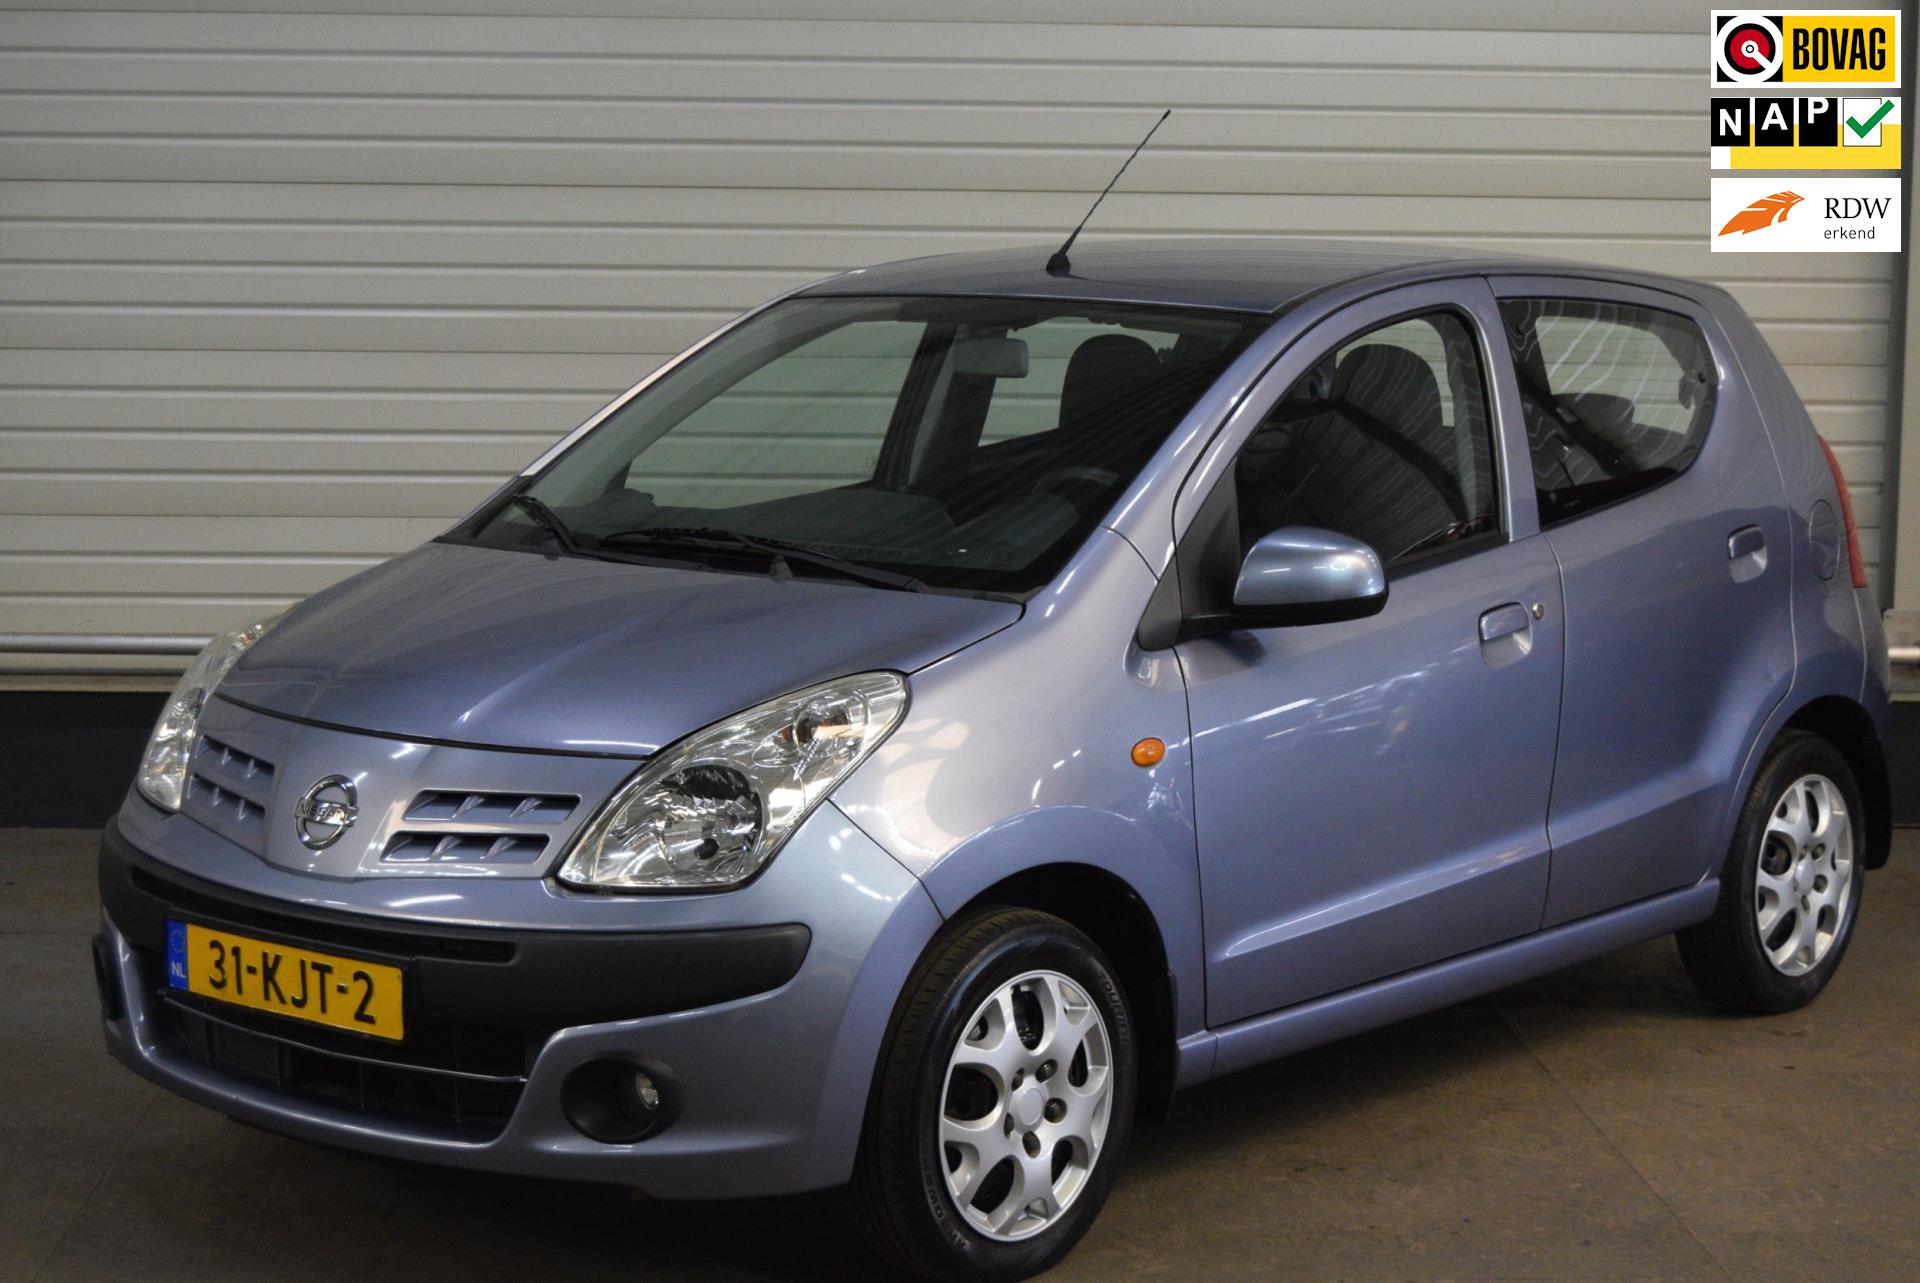 Nissan Pixo occasion - Autobedrijf van de Werken bv